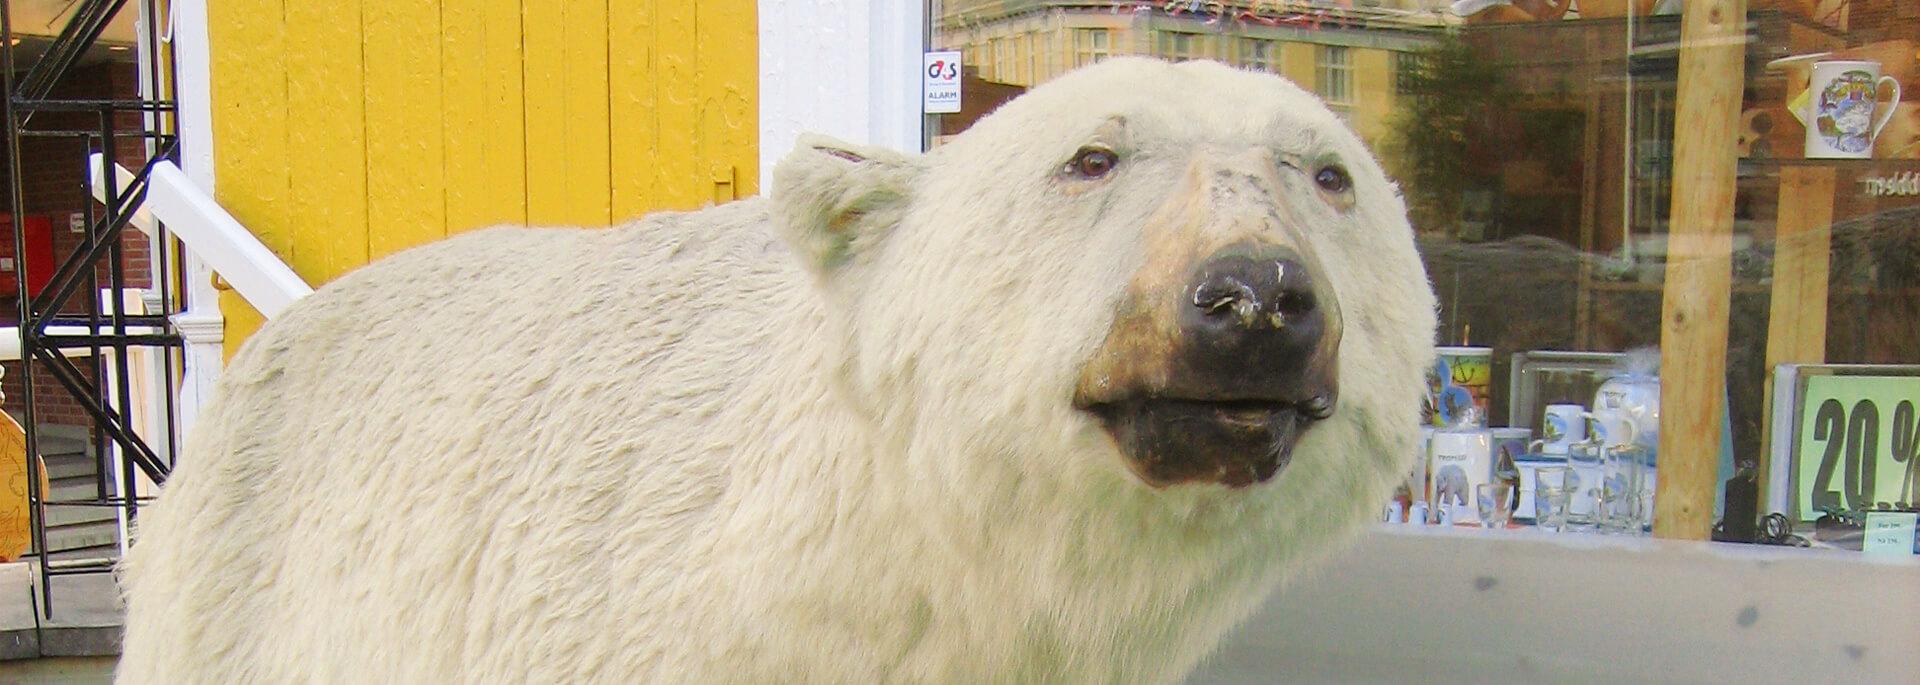 Wie ich trotz Hurtigruten nicht mehr bis Spitzbergen kam